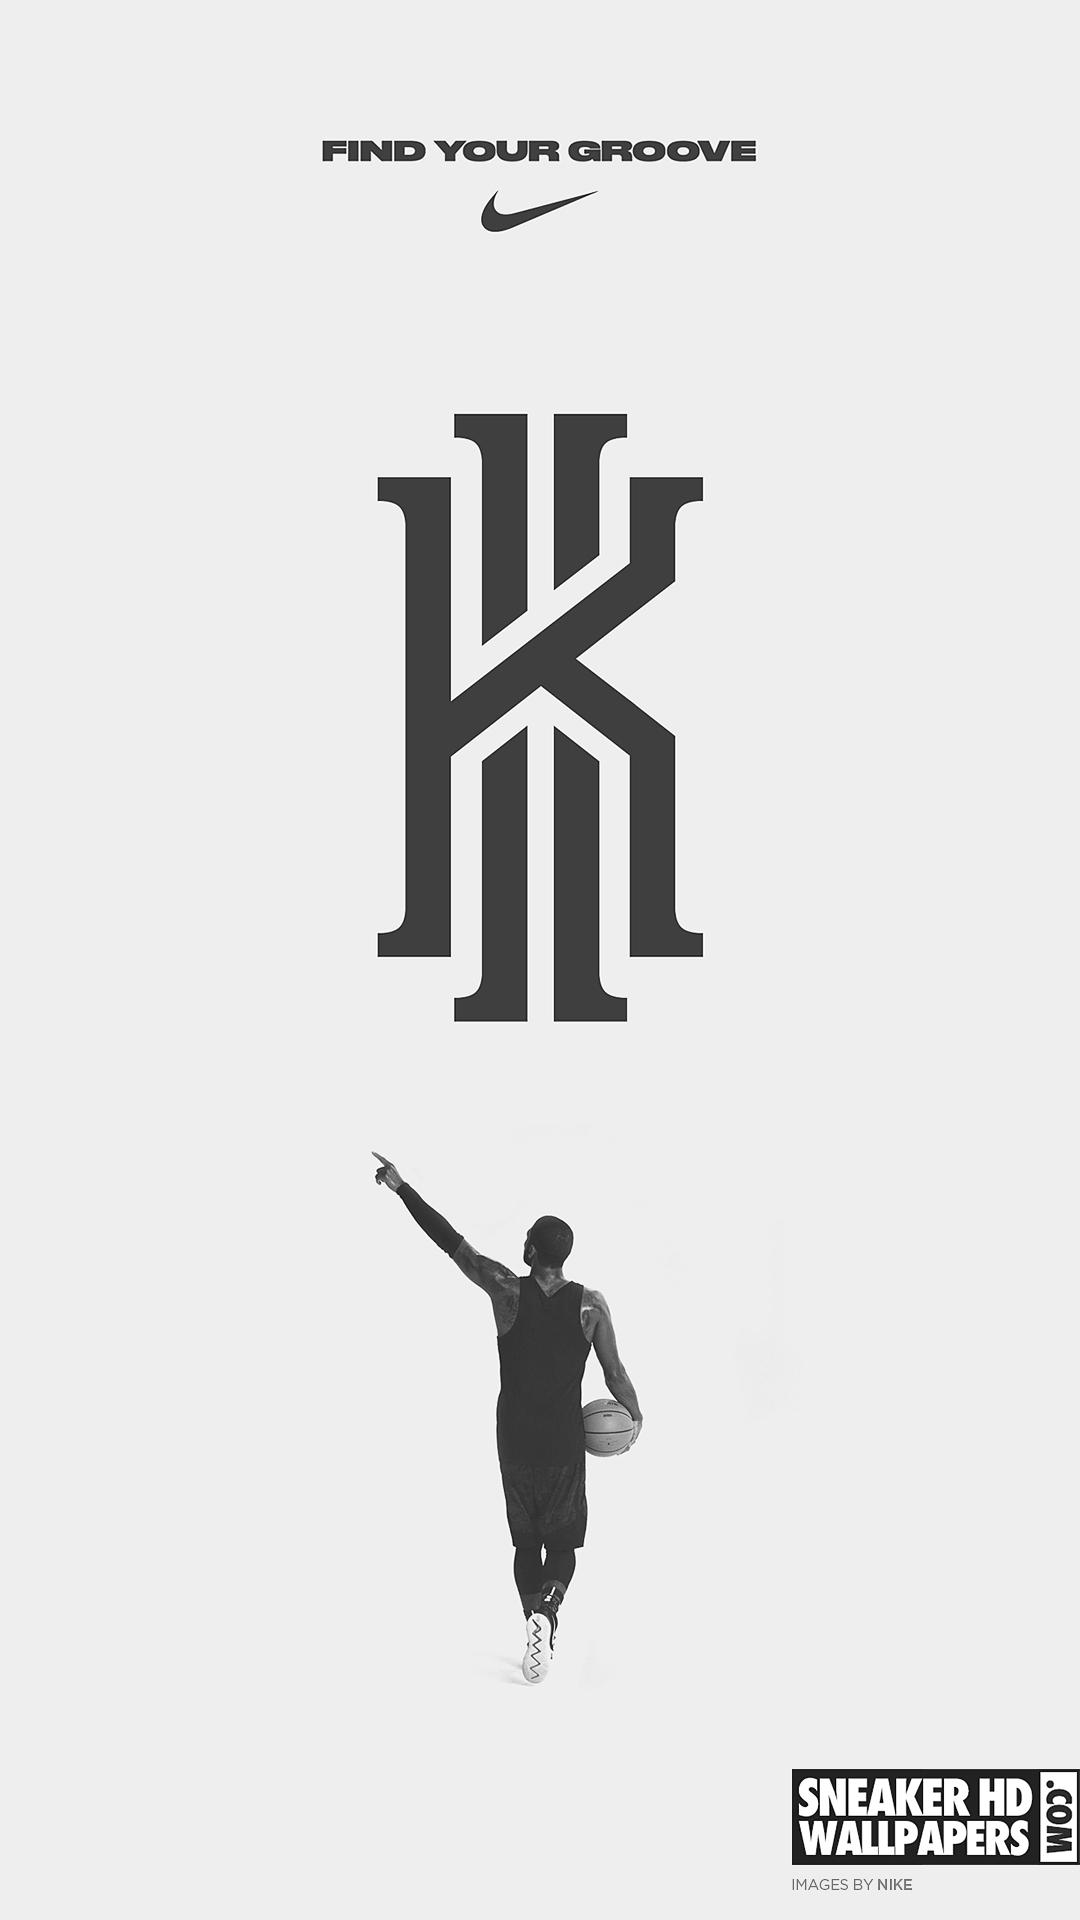 カイリー アーヴィング カイリーのロゴの壁紙 1080x19 Wallpapertip